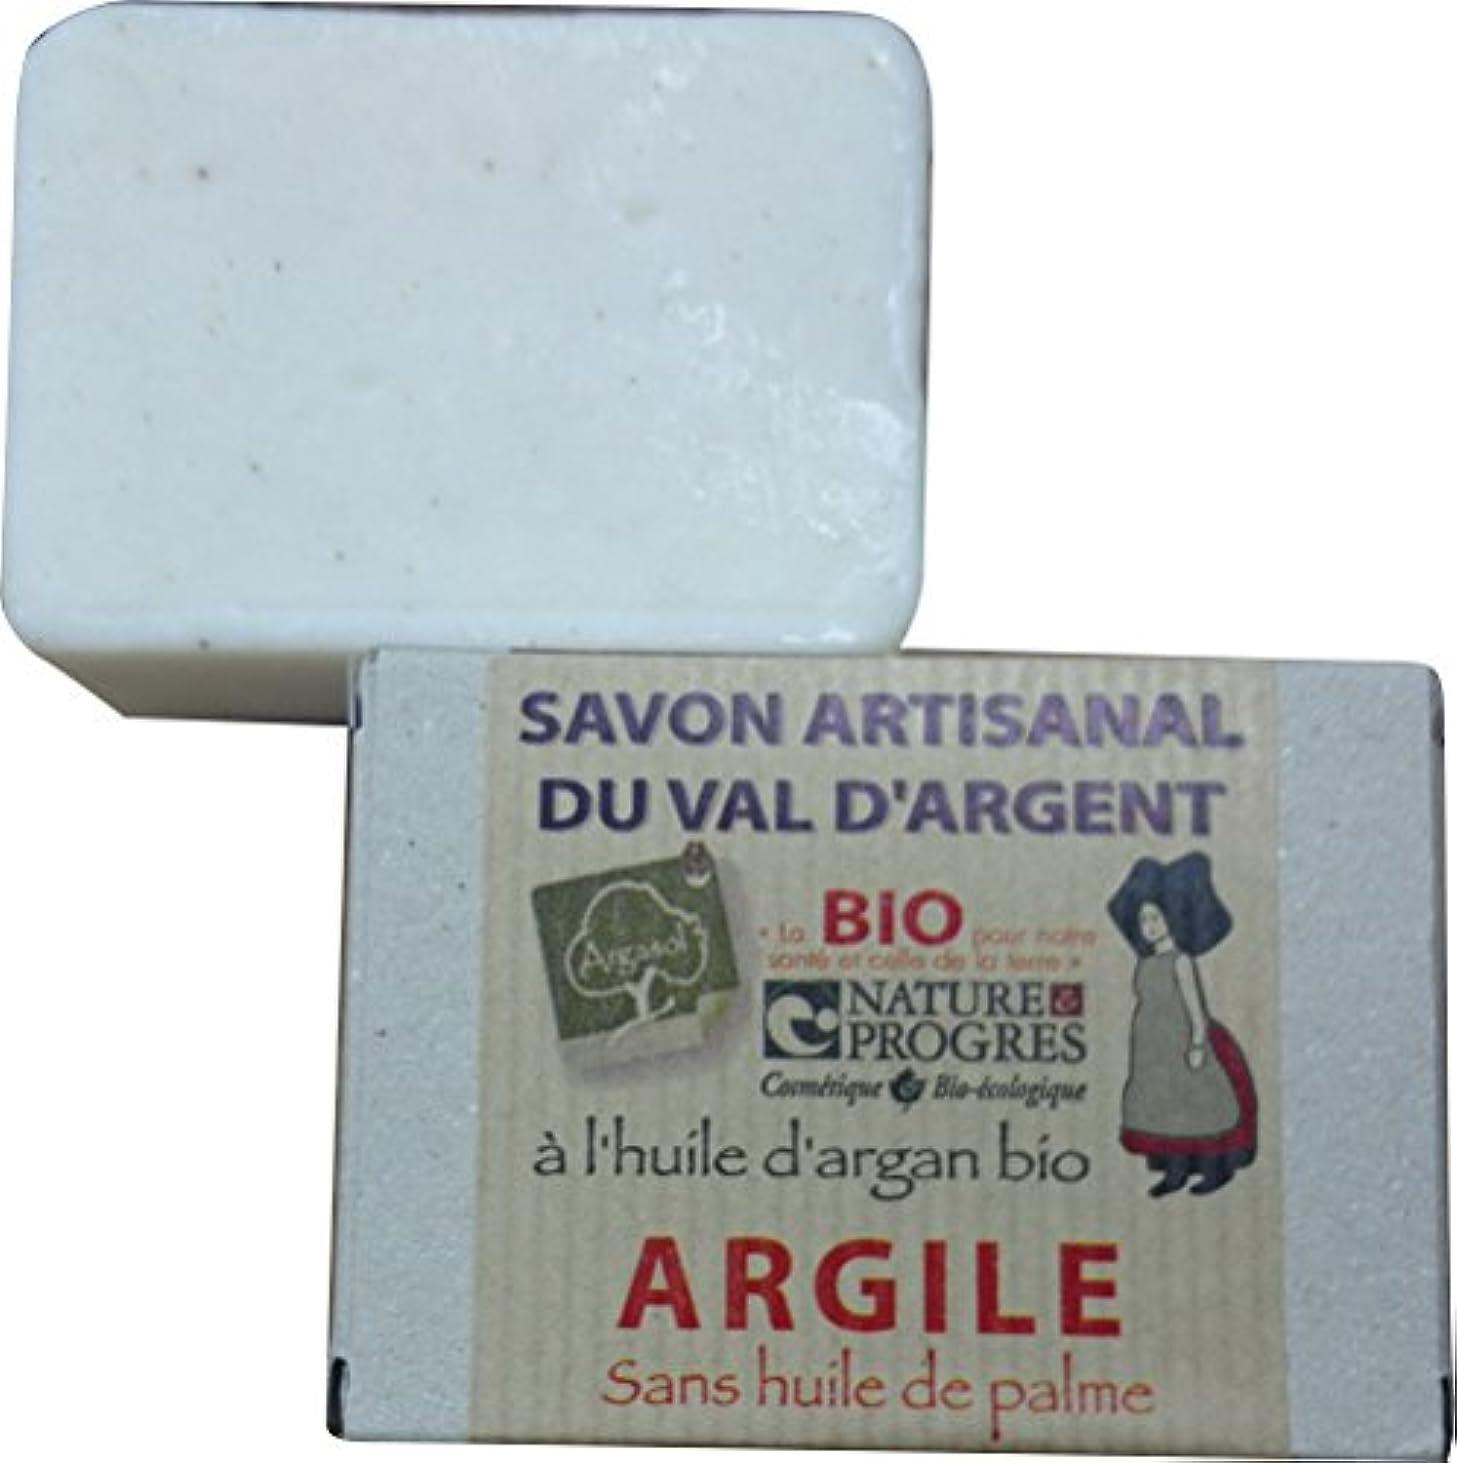 トランペット牛ケープサボン アルガソル(SAVON ARGASOL) クレイ